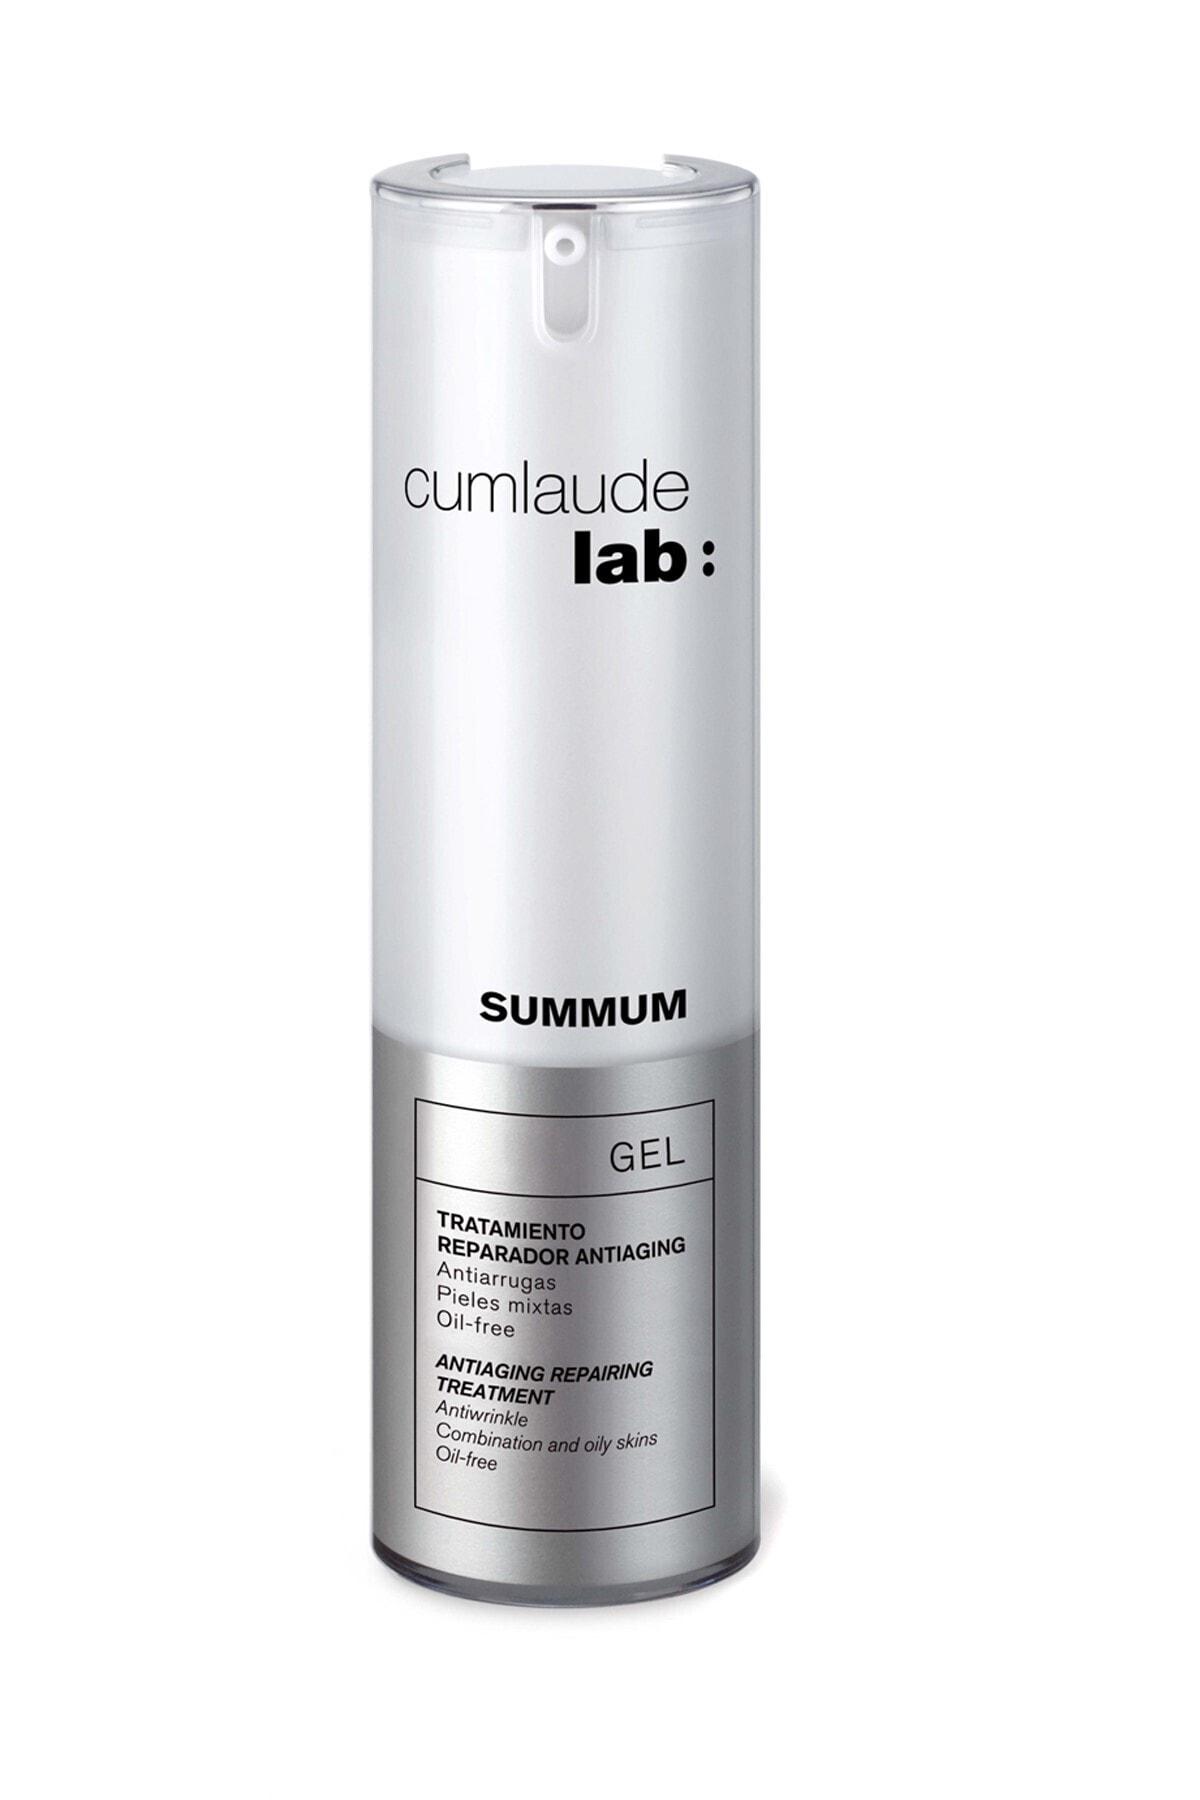 cumlaude lab Karma ve Yağlı Ciltler için Jel Krem - Summum Gel 40 ml 8428749234005 1